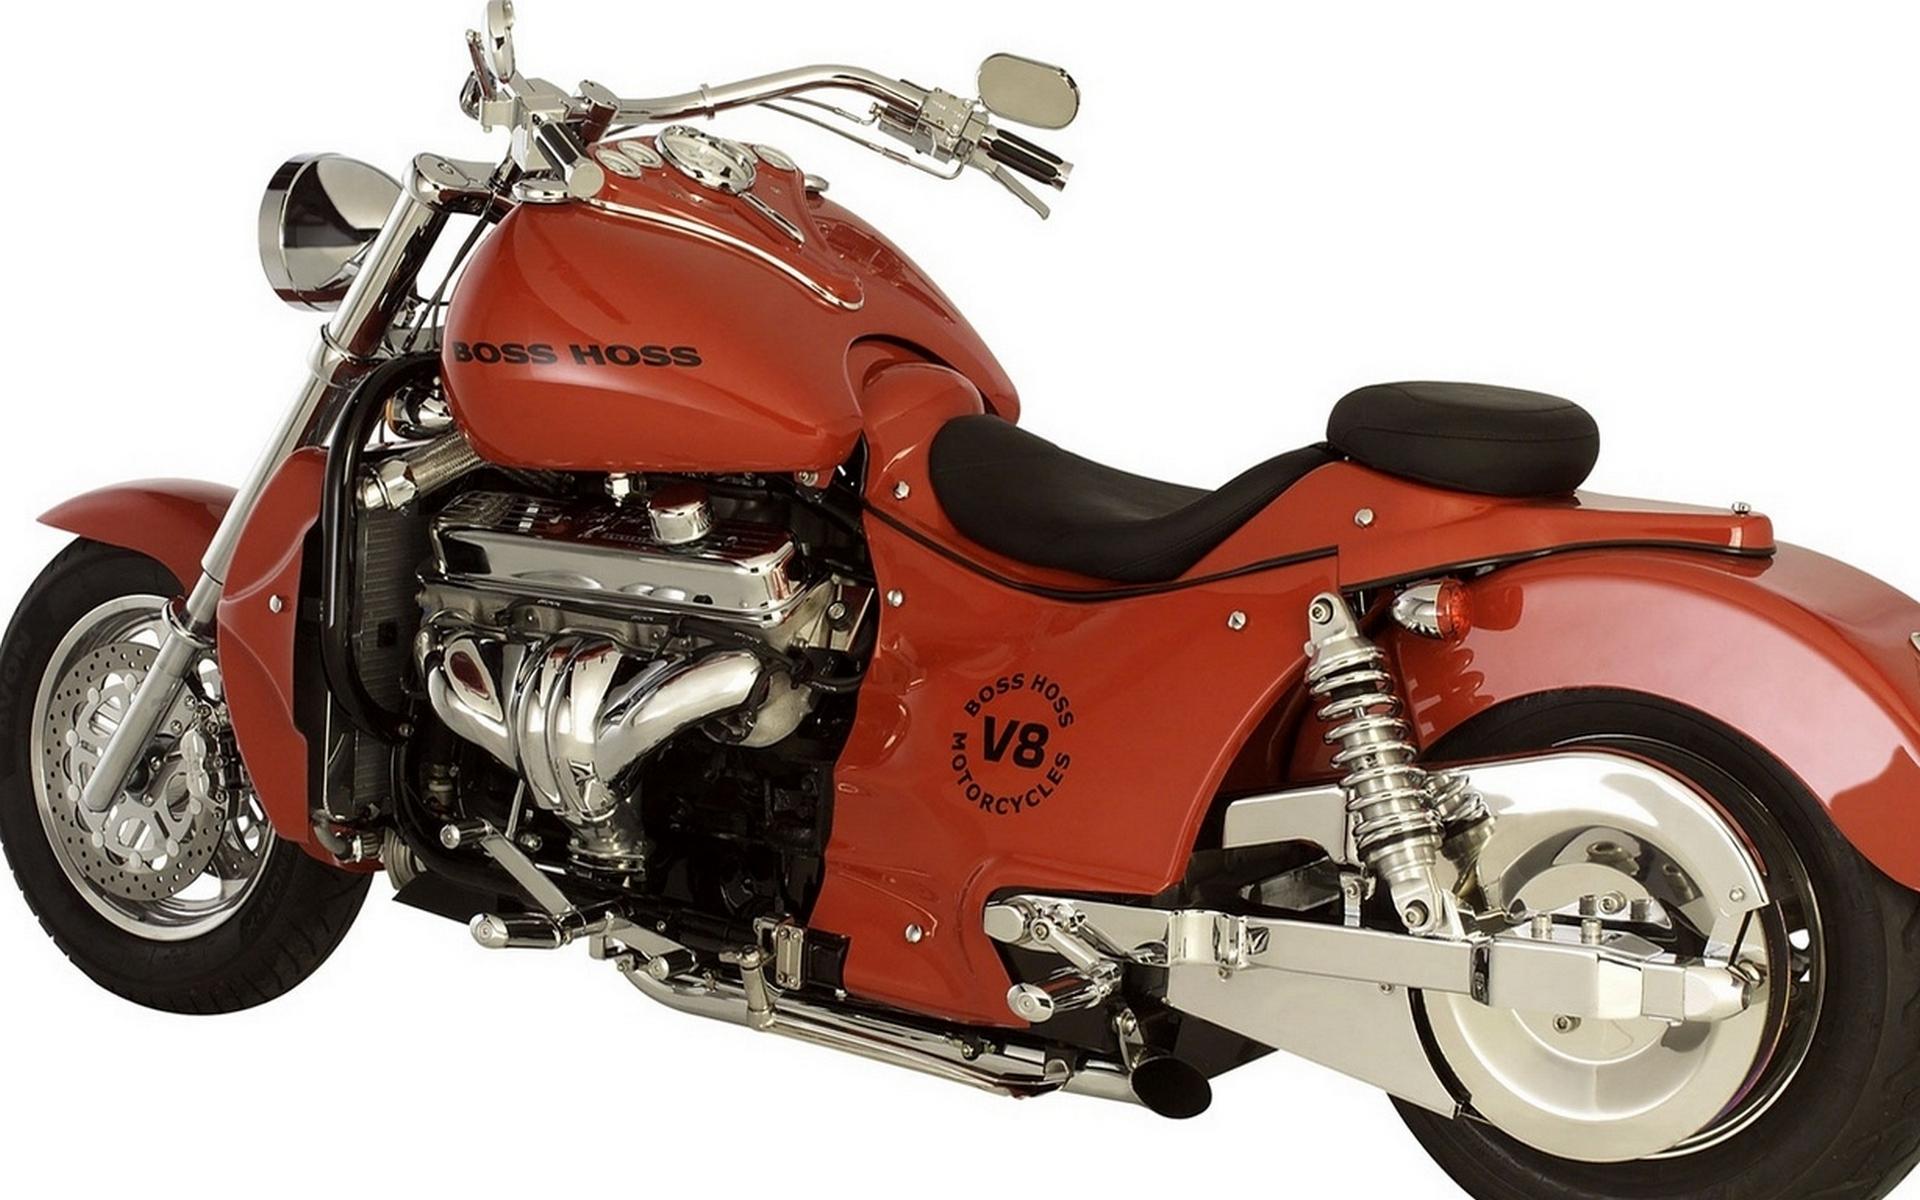 бос хос, красный, двигатель v8